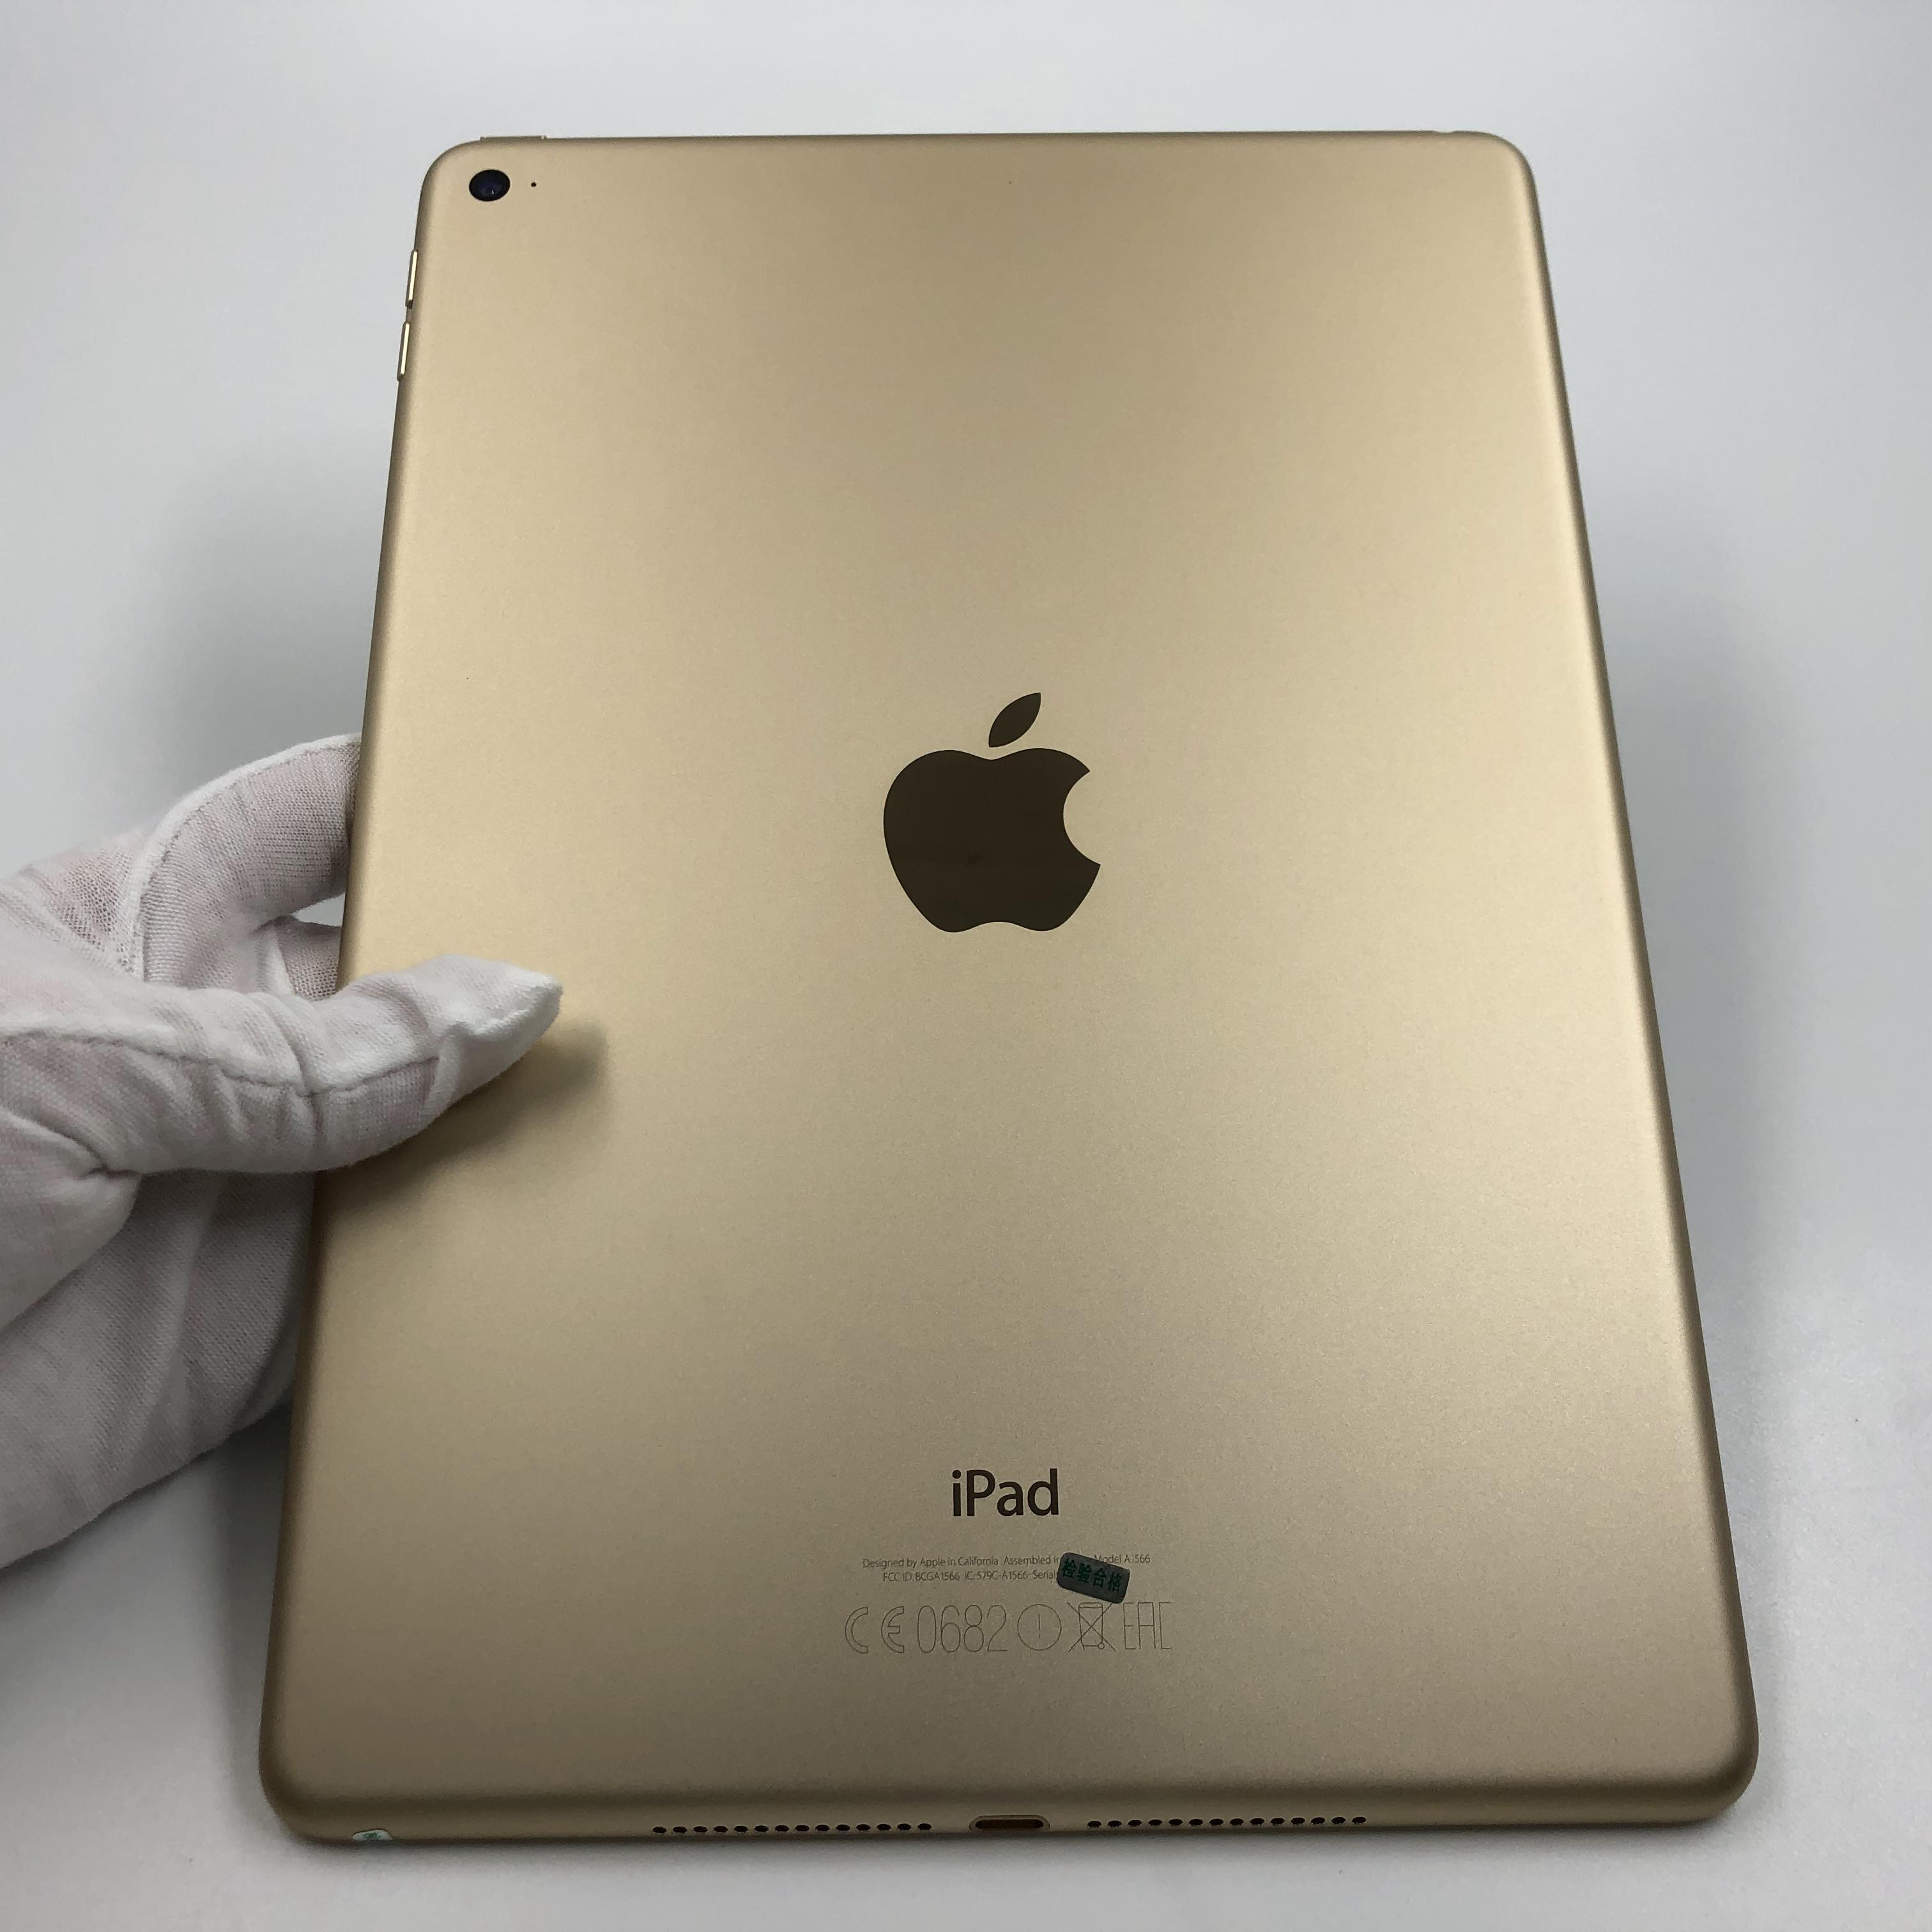 苹果【iPad Air 2】WIFI版 金色 64G 国际版 95新 真机实拍